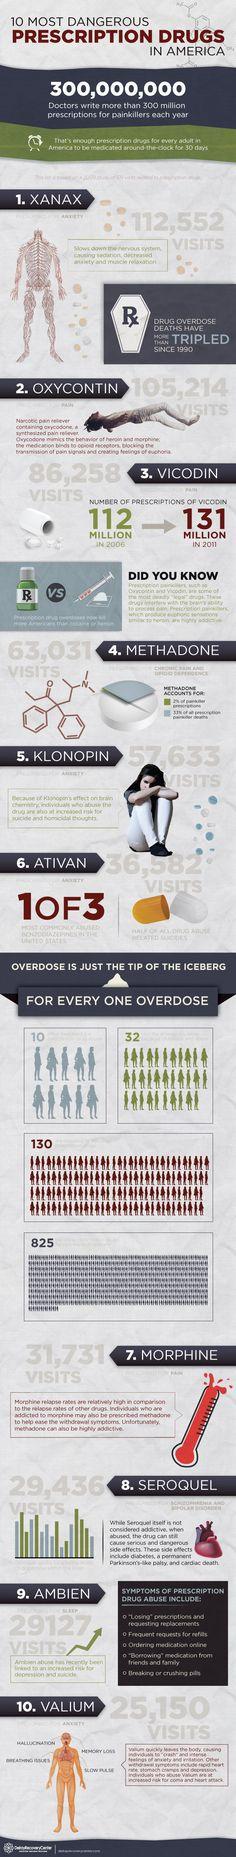 Ten most dangerous prescription drugs infographic